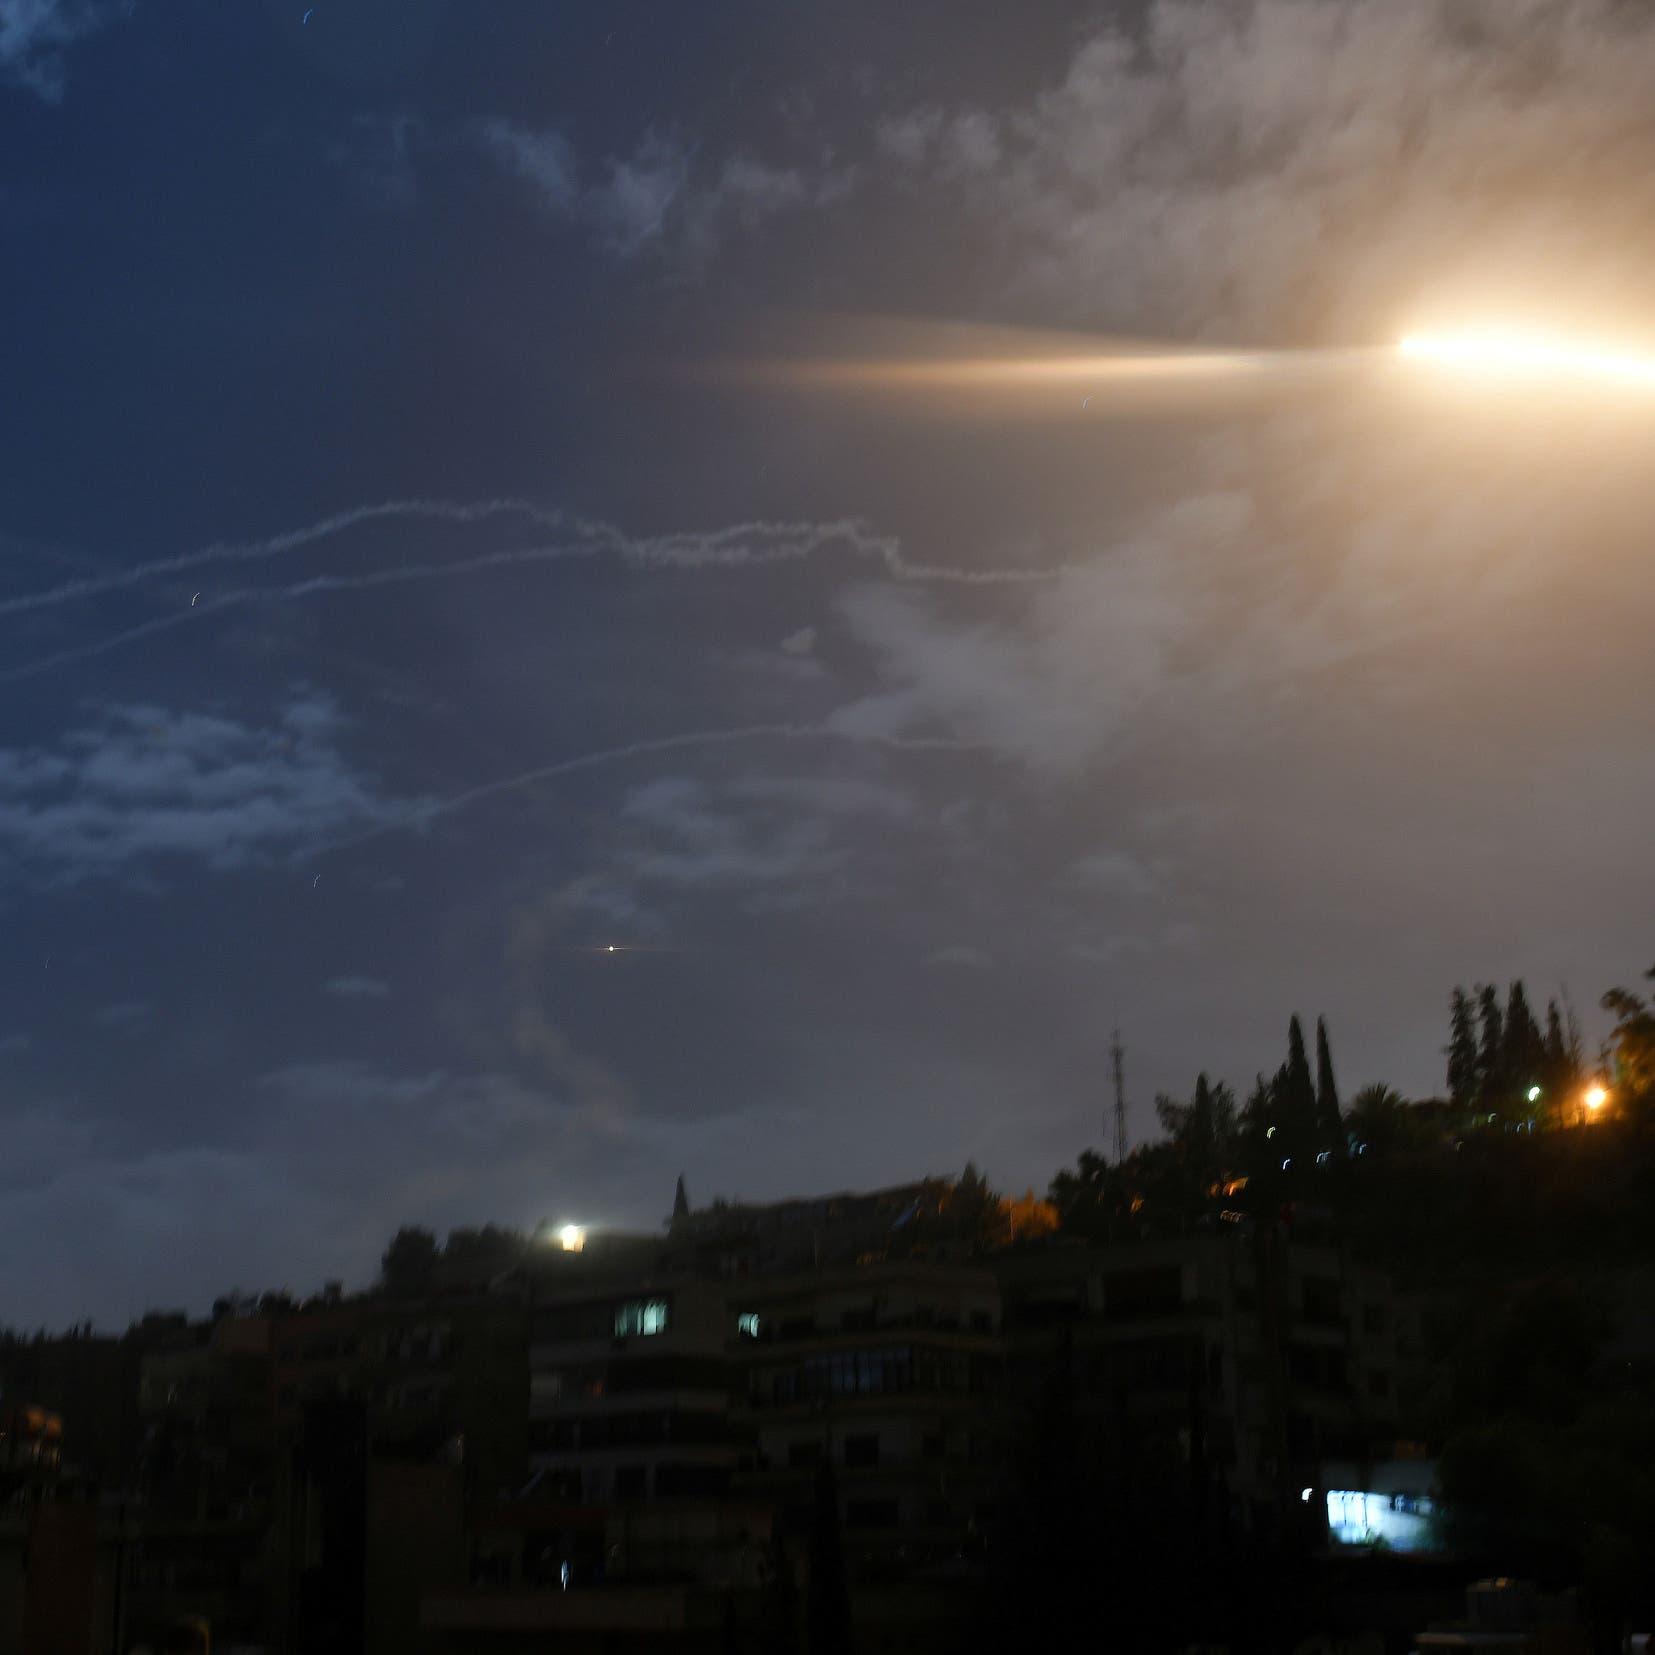 قتيلان من ميليشيات إيران بالقصف الإسرائيلي على مطار التيفور